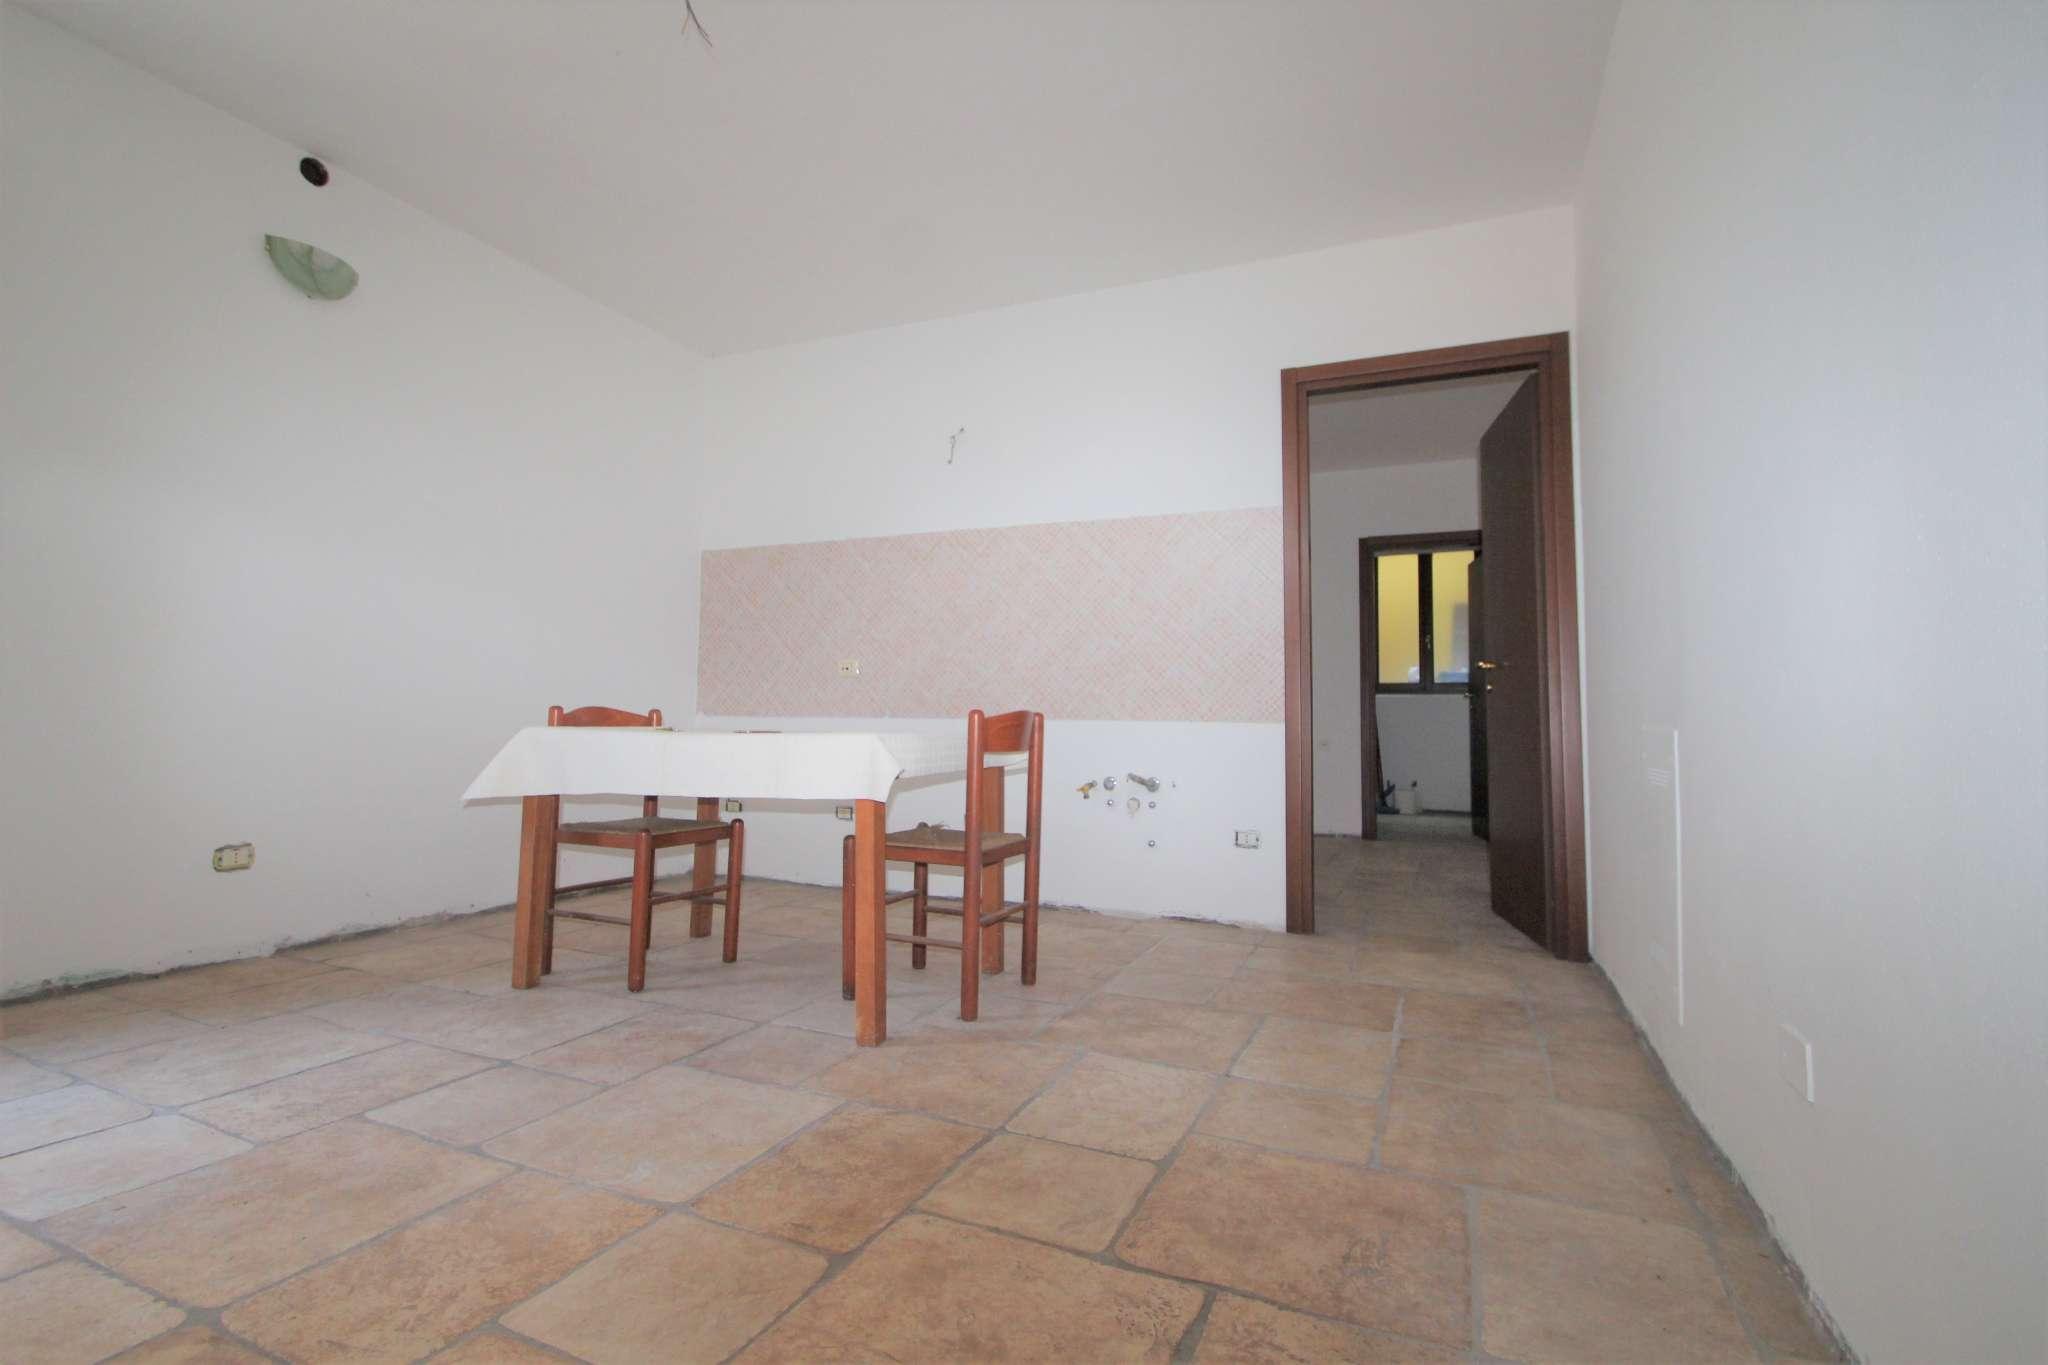 Appartamento in vendita a Sedrina, 2 locali, prezzo € 49.000 | CambioCasa.it